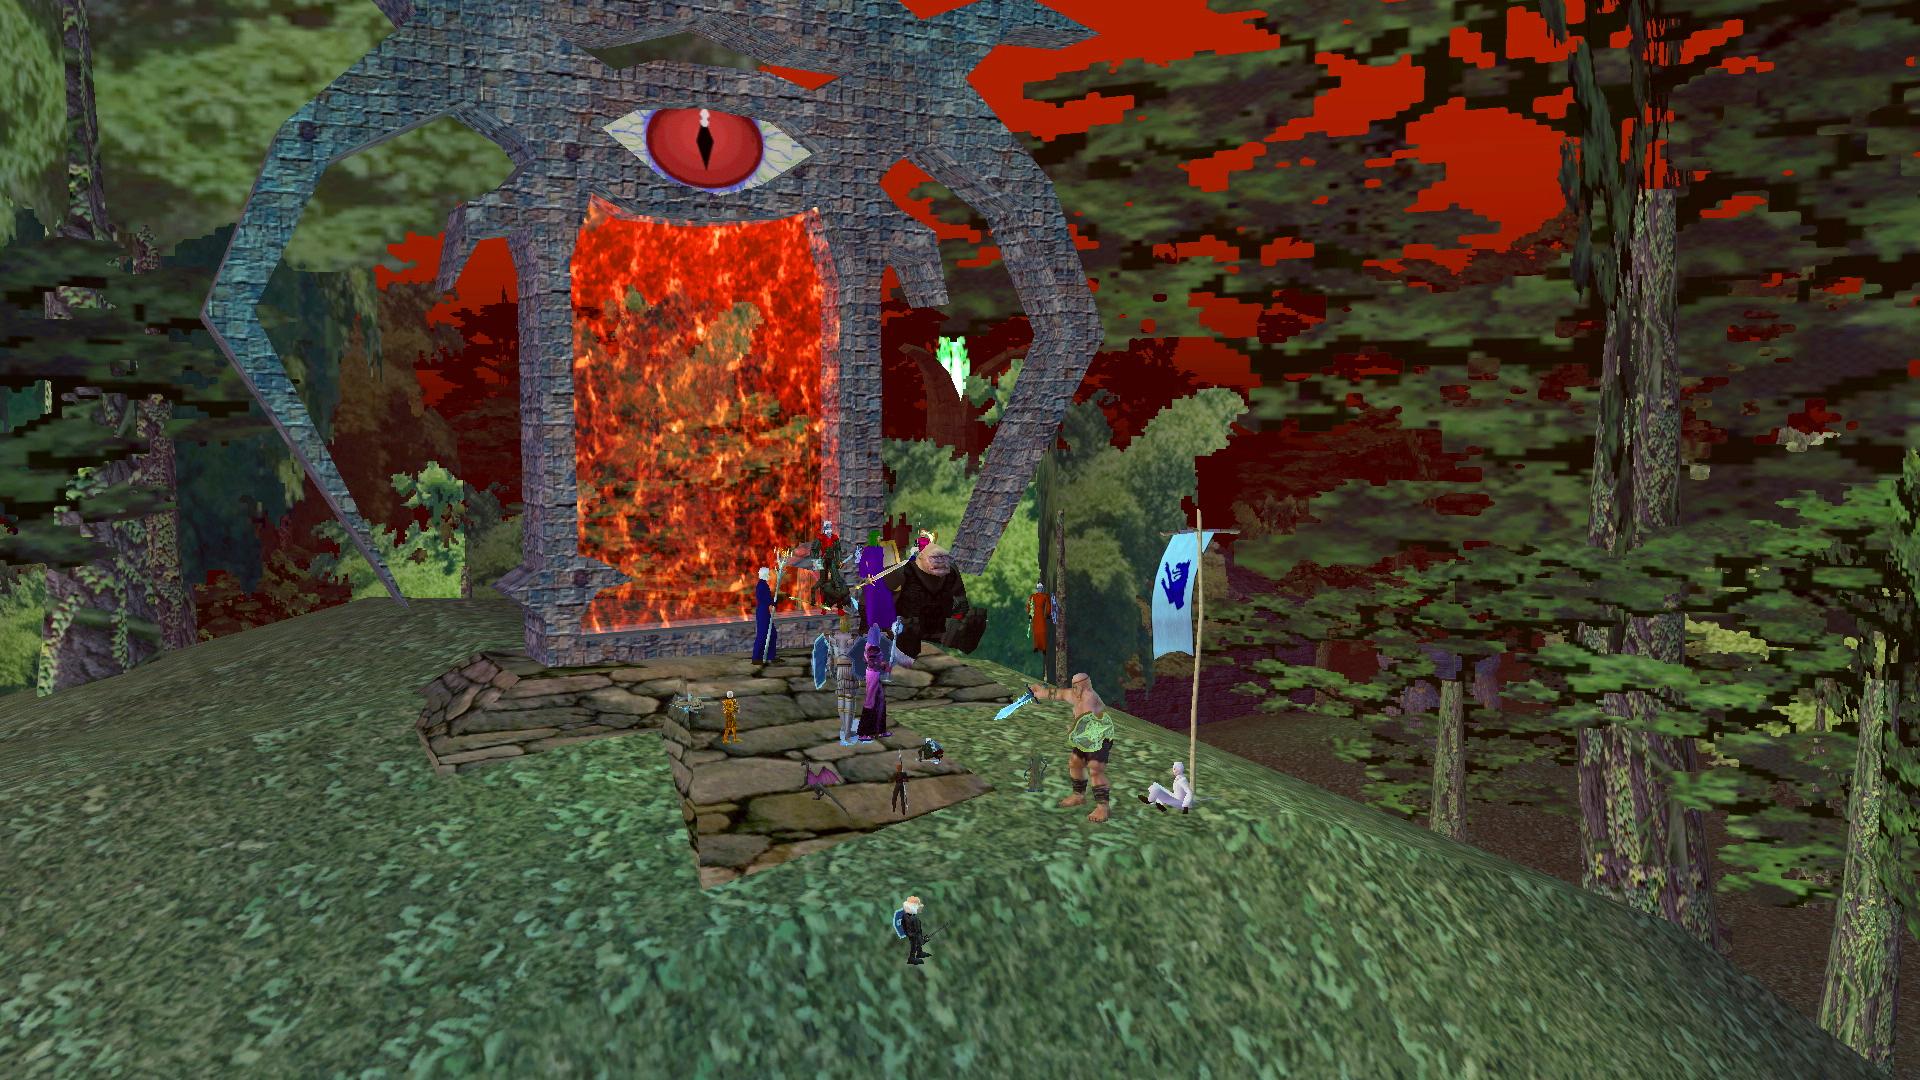 EverQuest : The Broken Mirror on Steam